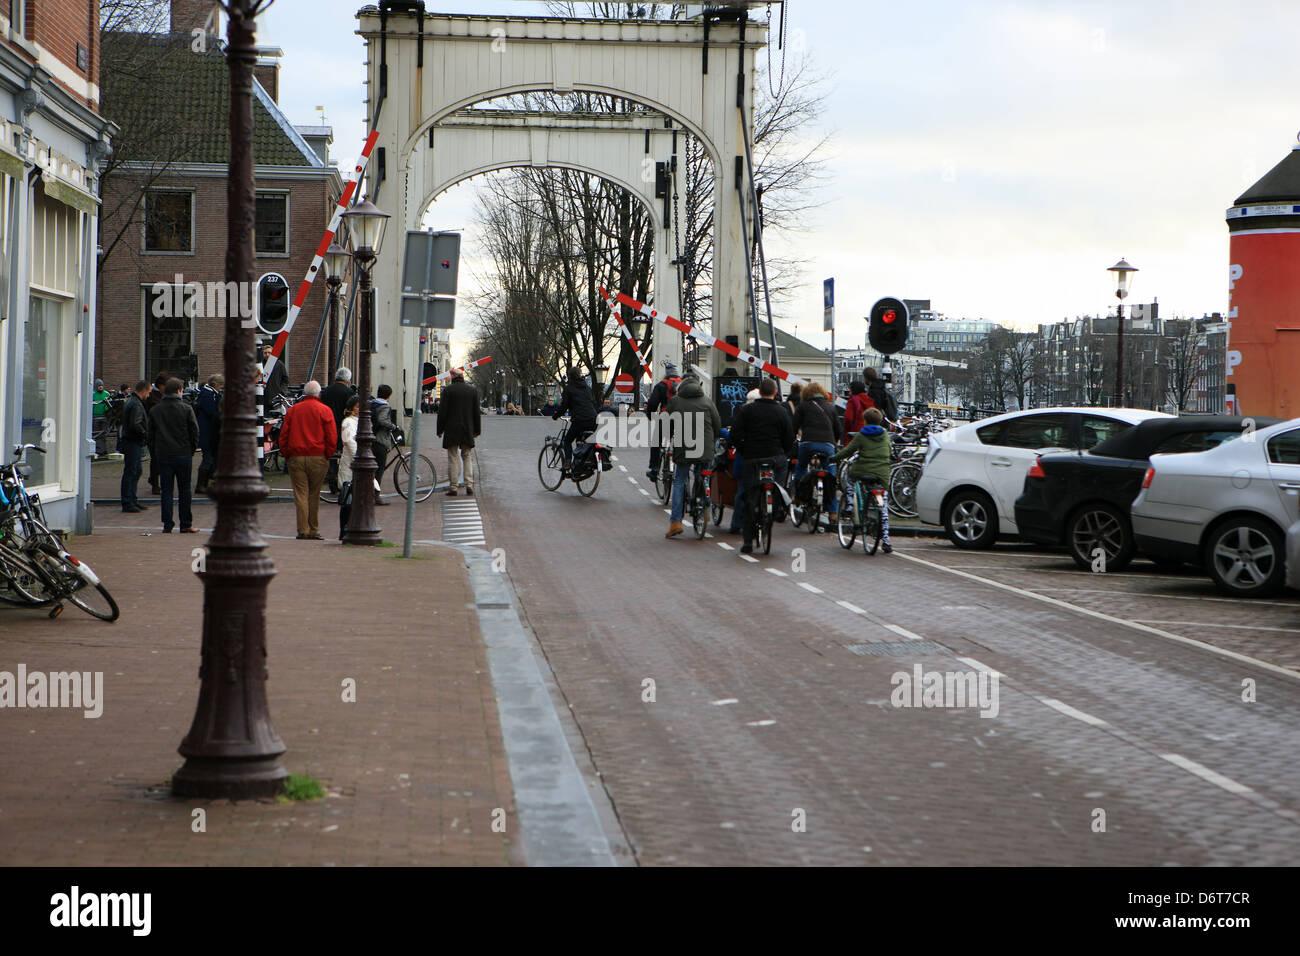 Licht Tour Amsterdam : Radfahrer und fußgänger warten auf ein rotes licht und barriere